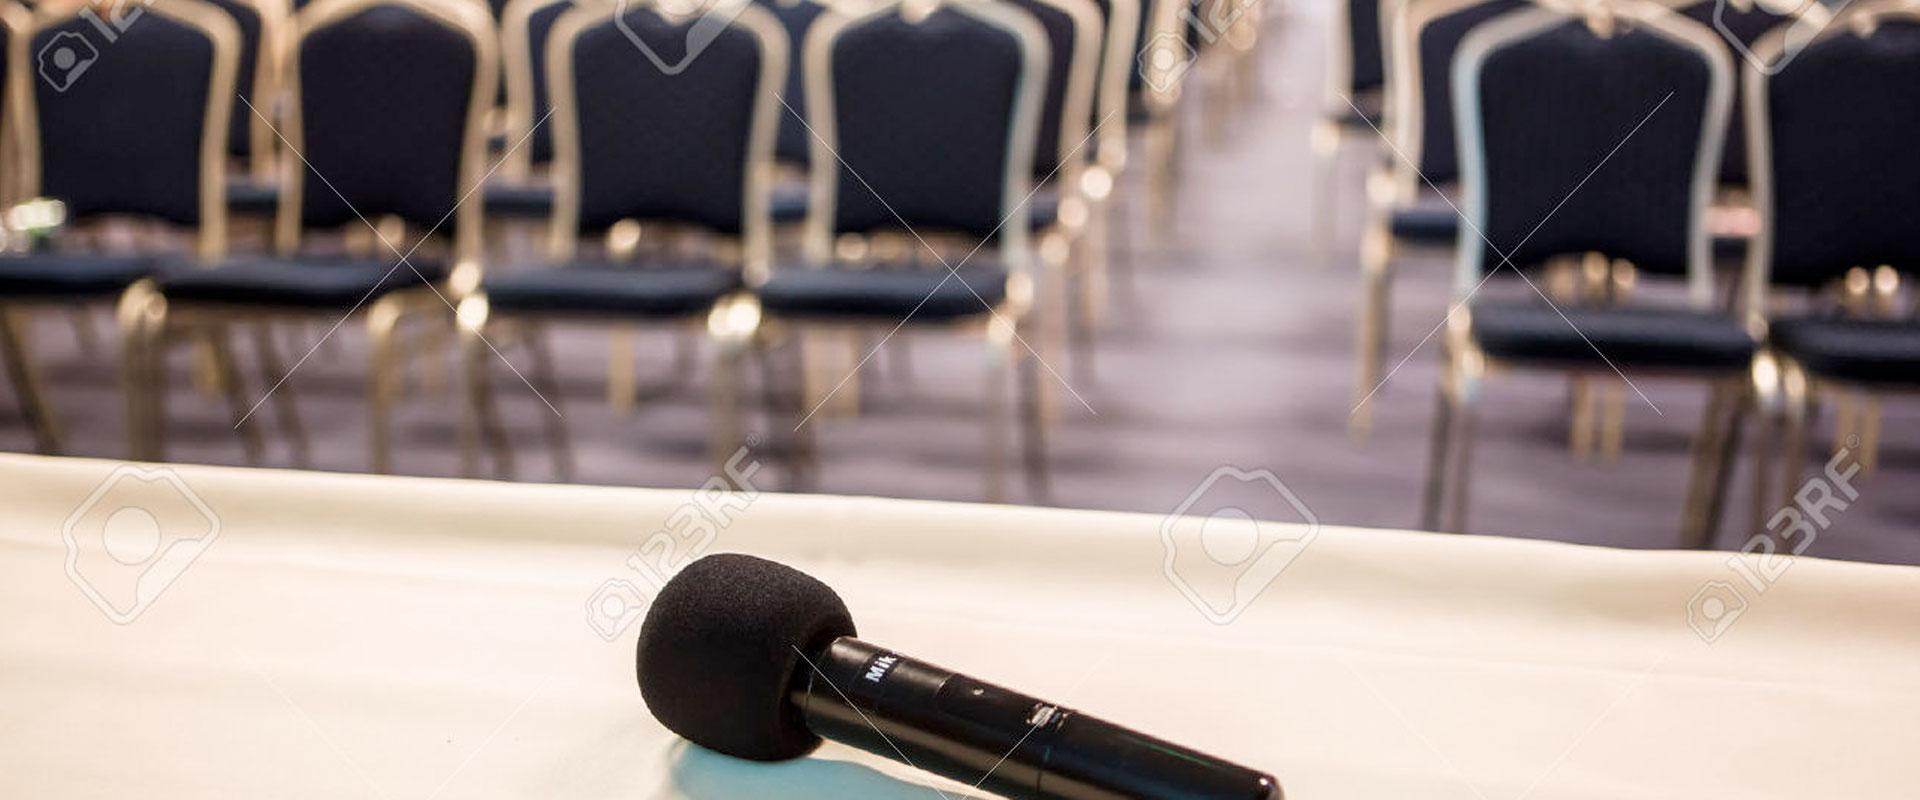 lcc-speaker